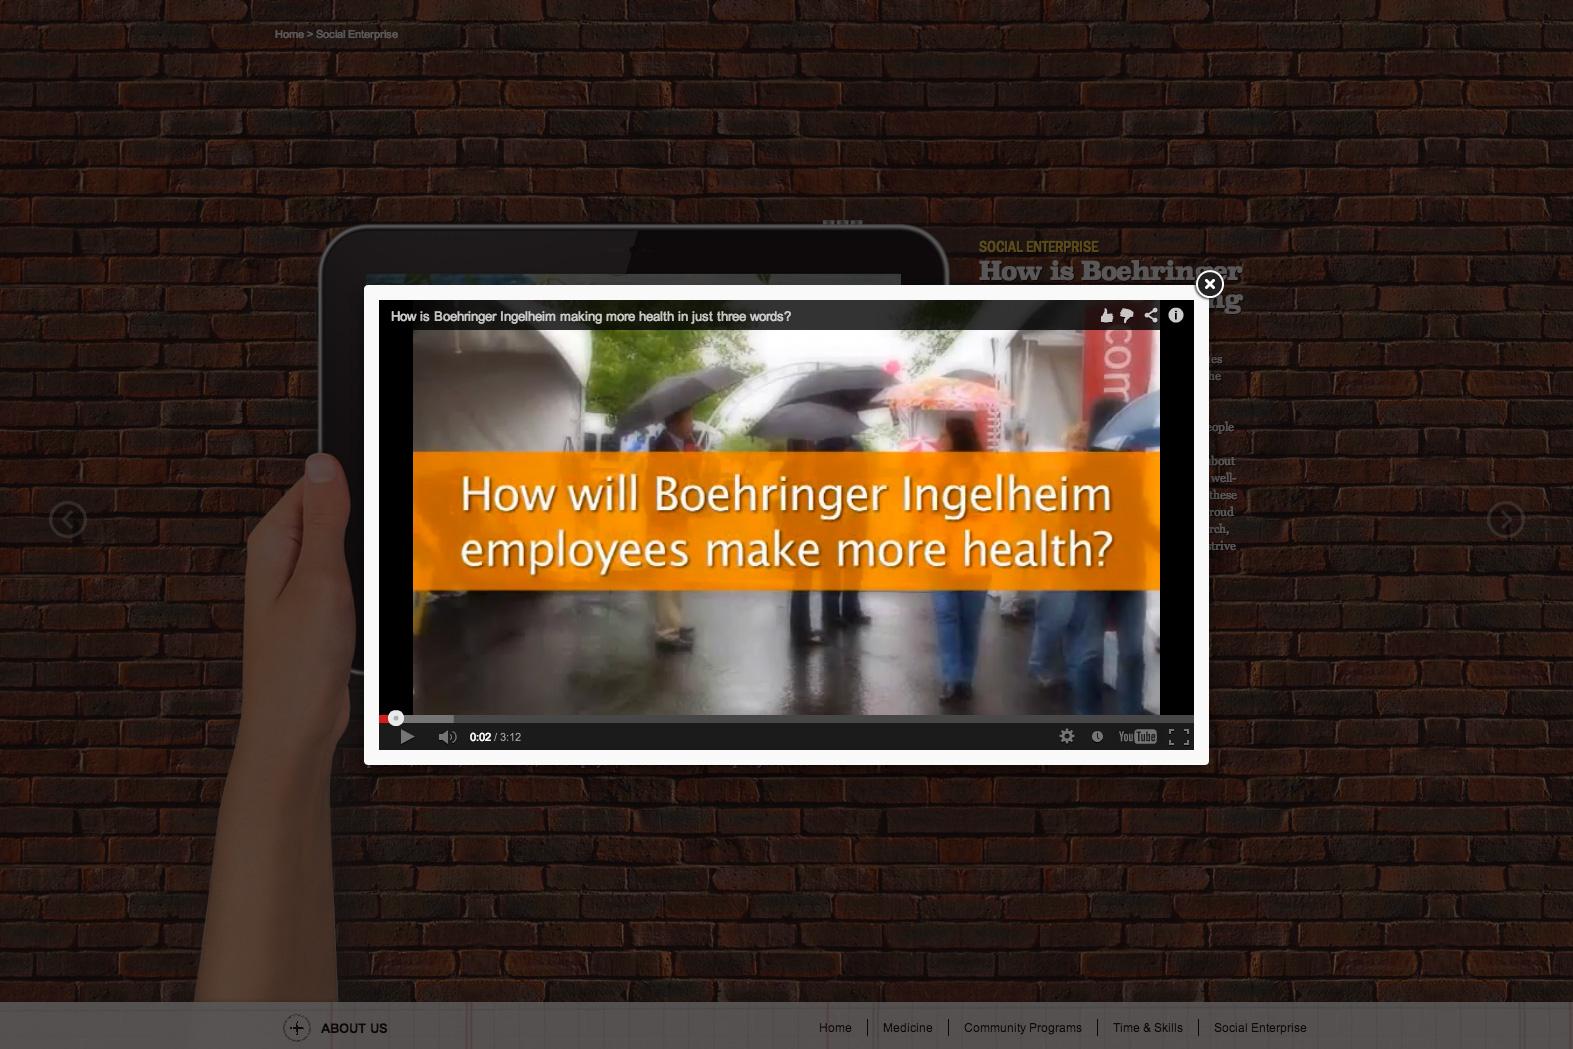 Interactive video popups